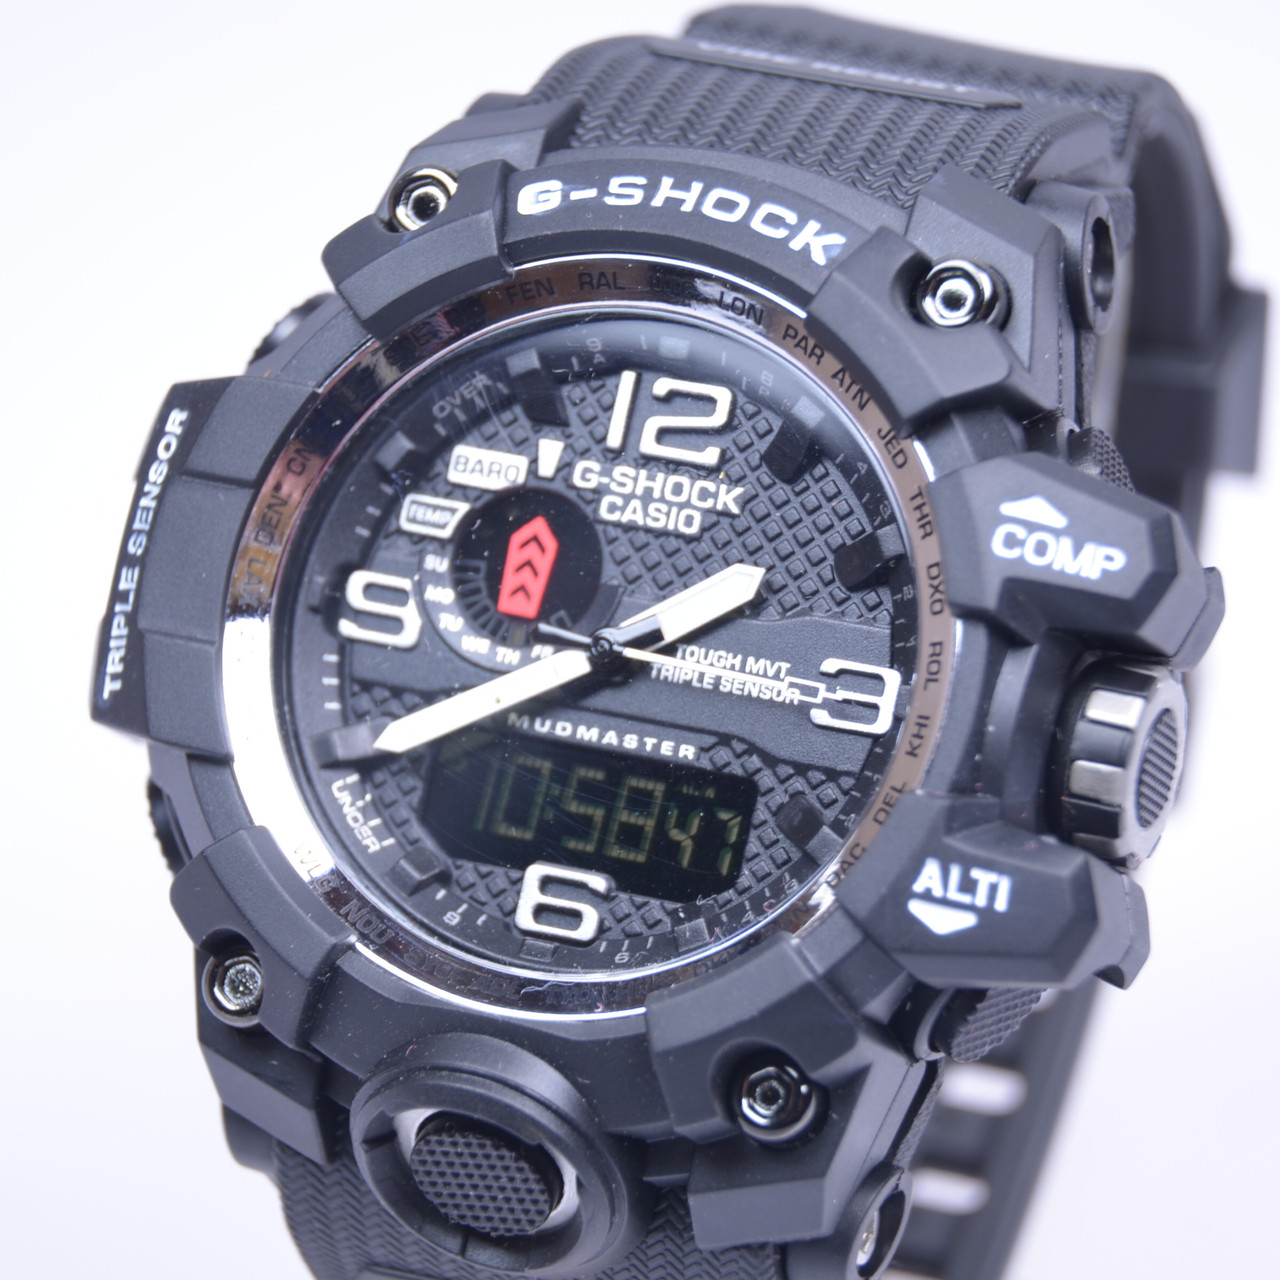 ef188040 Мужские наручные часы Casio G-SHOCK (копия), цена 349 грн., купить в  Николаеве — Prom.ua (ID#603260146)